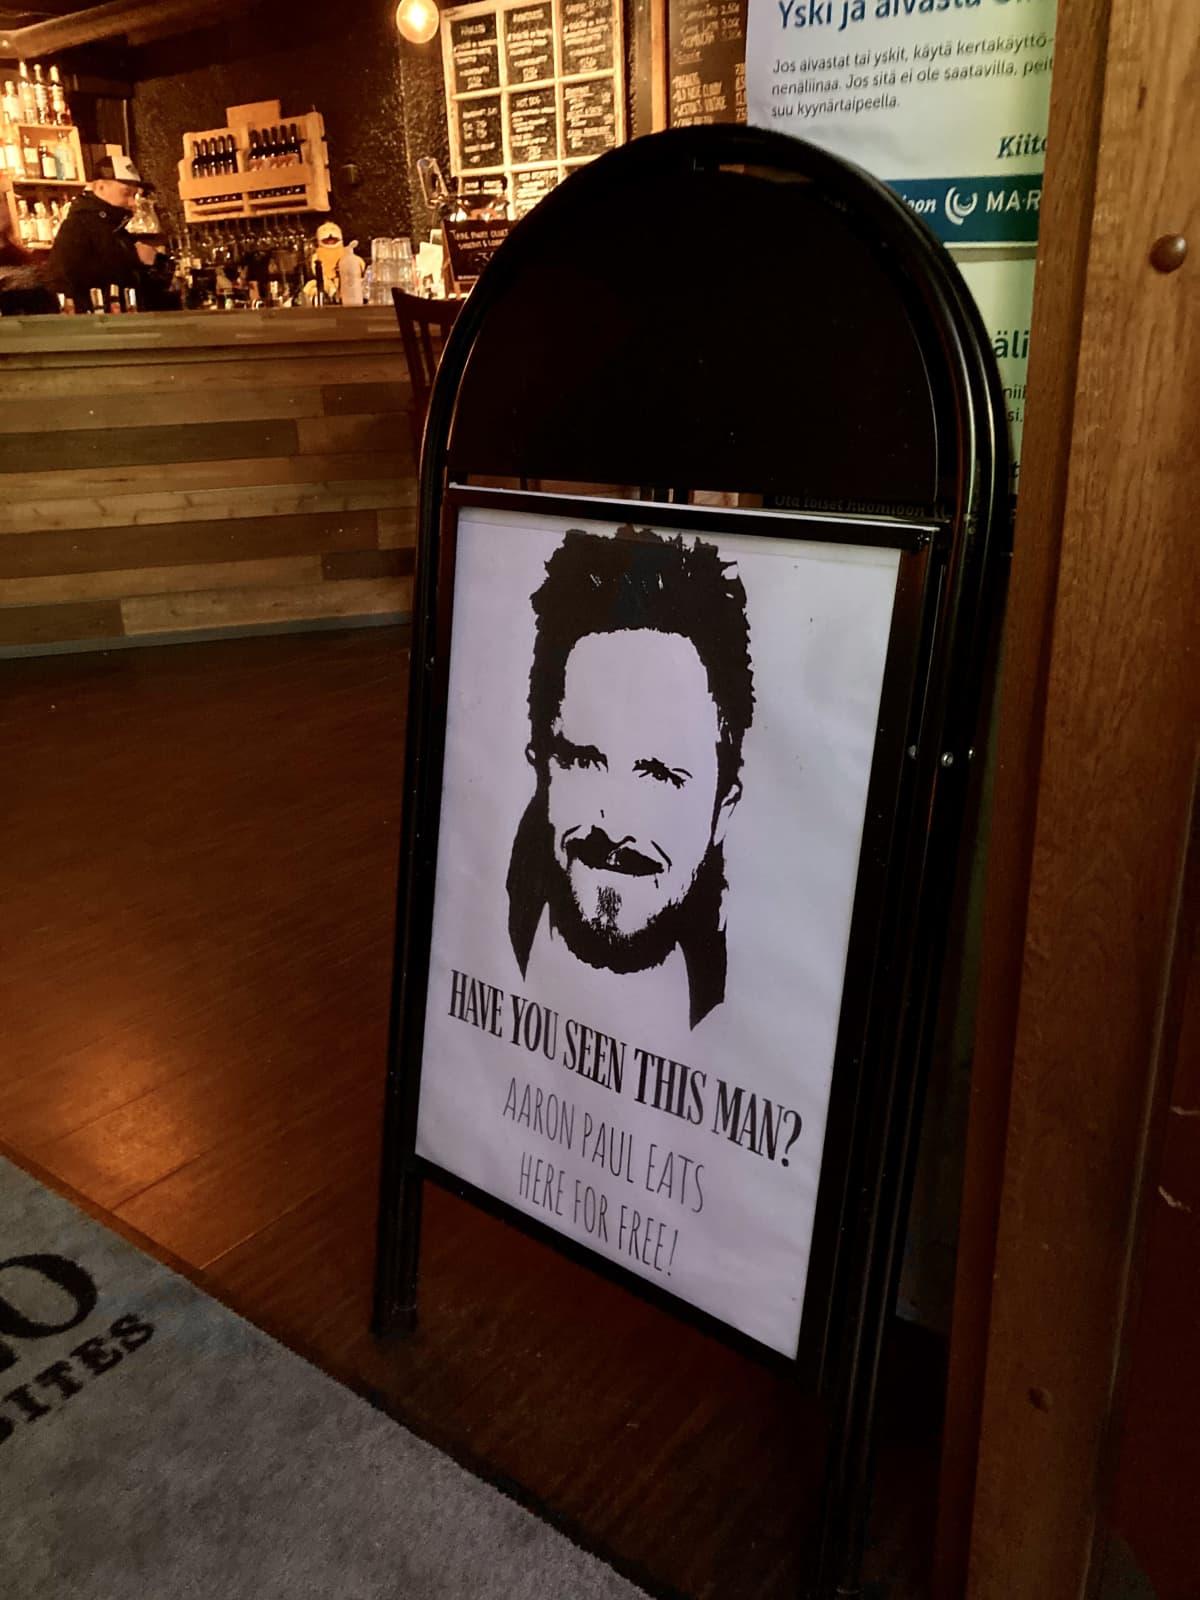 ravintolan juliste, jossa luvataan ruoka aaron paulille ilmaiseksi